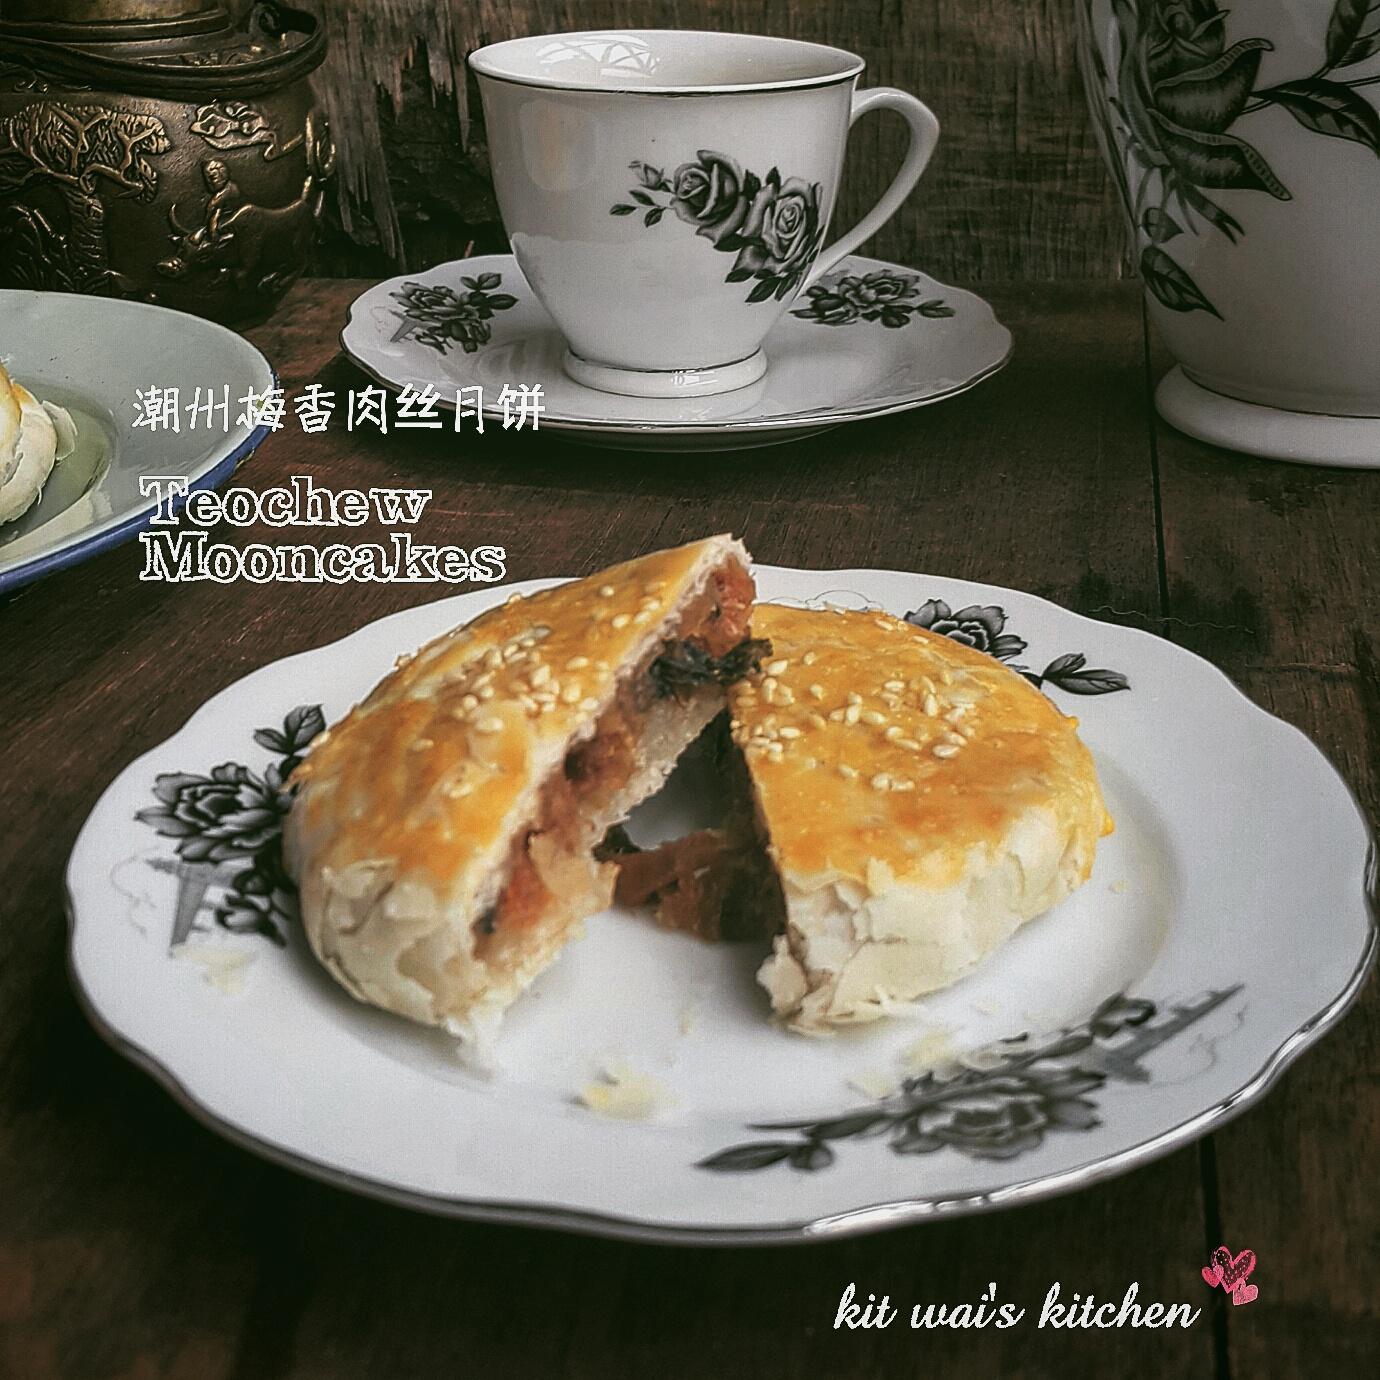 Kit Wai's Kitchen : 潮洲梅香肉丝月饼